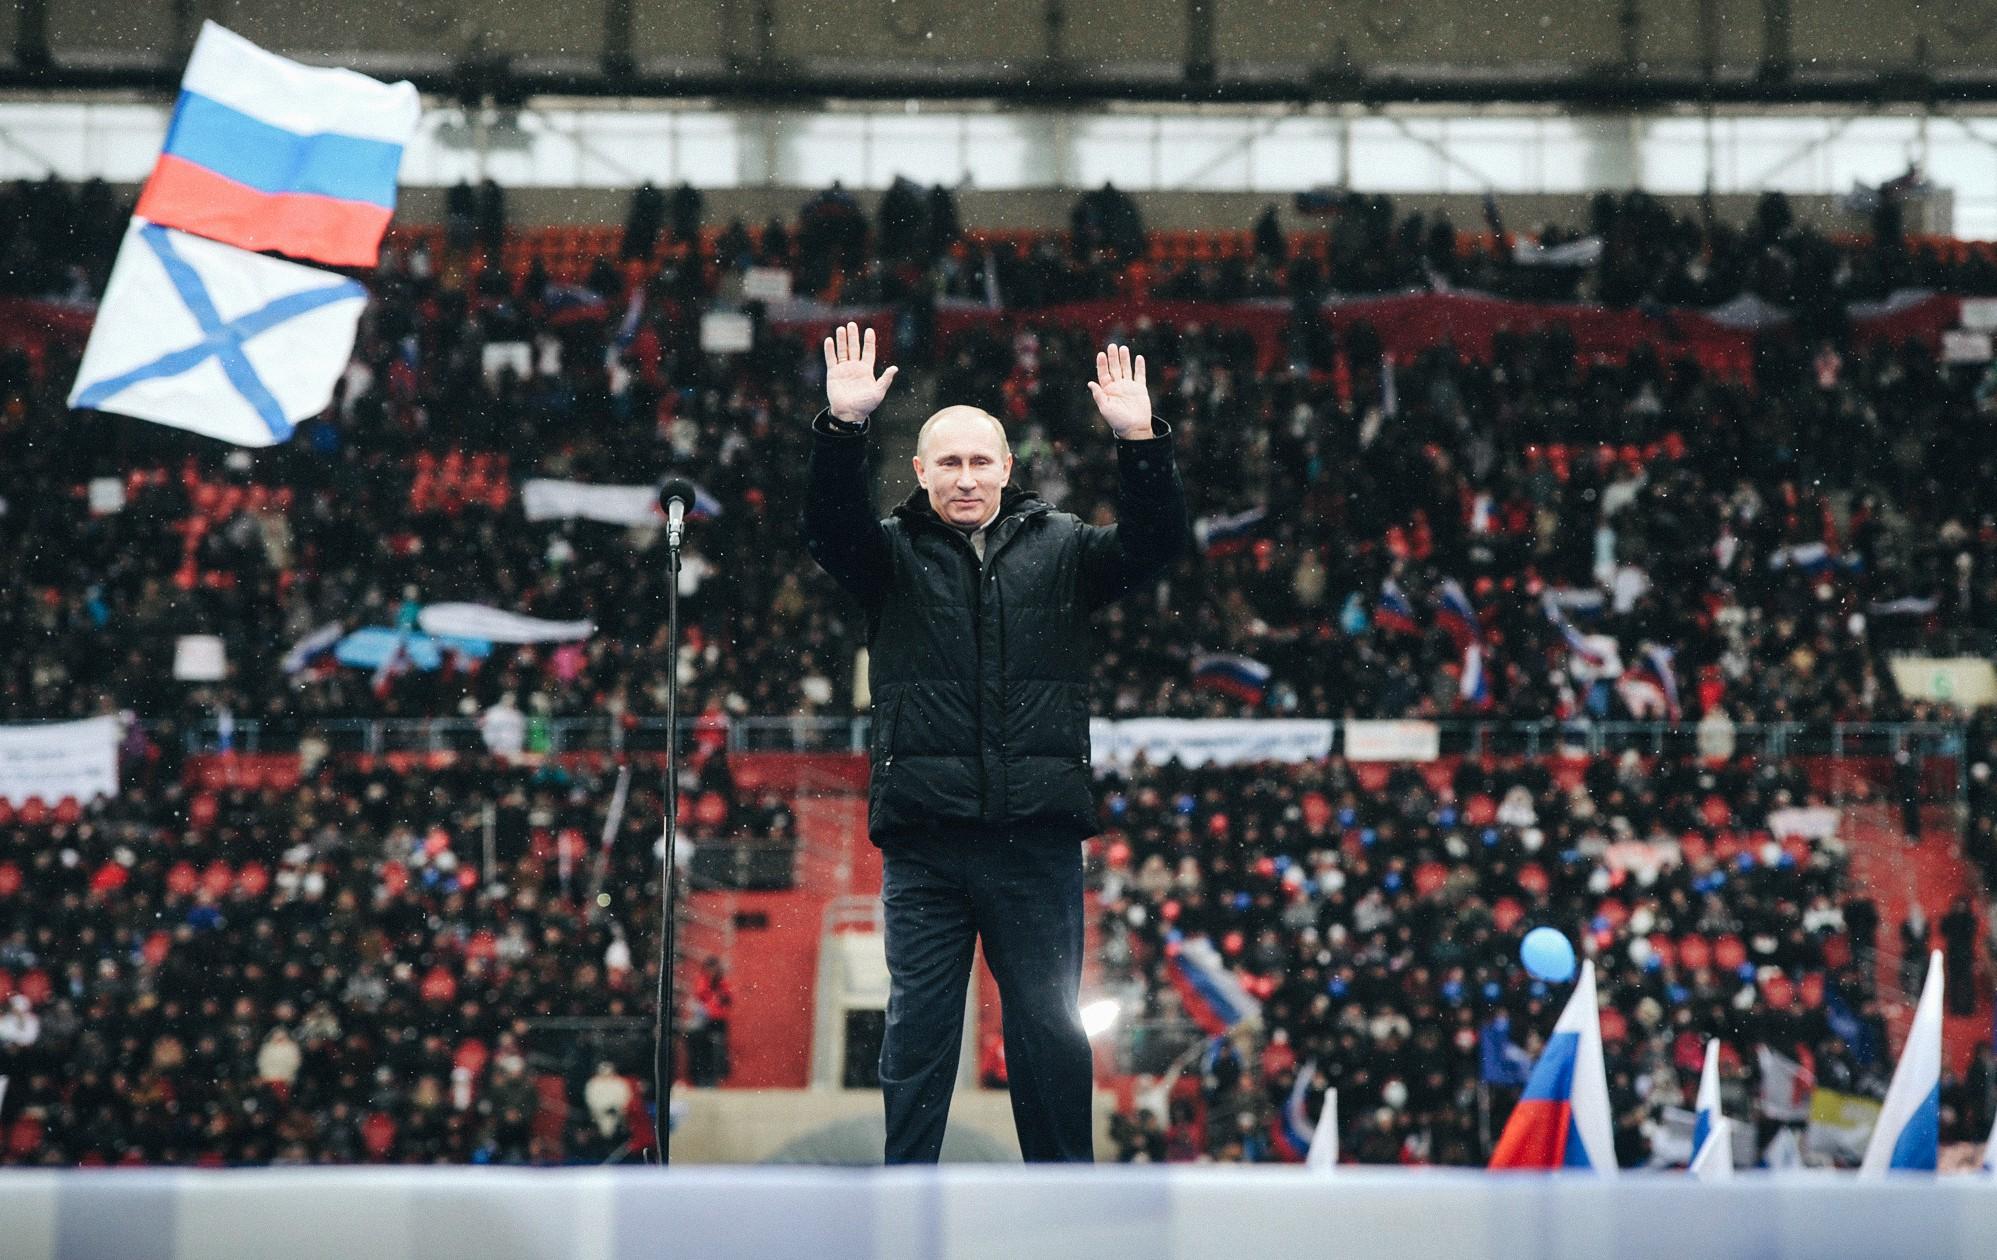 Tổng thống Putin: 2 thập kỷ định hình nước Nga và 6 năm đầy thách thức phía trước - Ảnh 9.